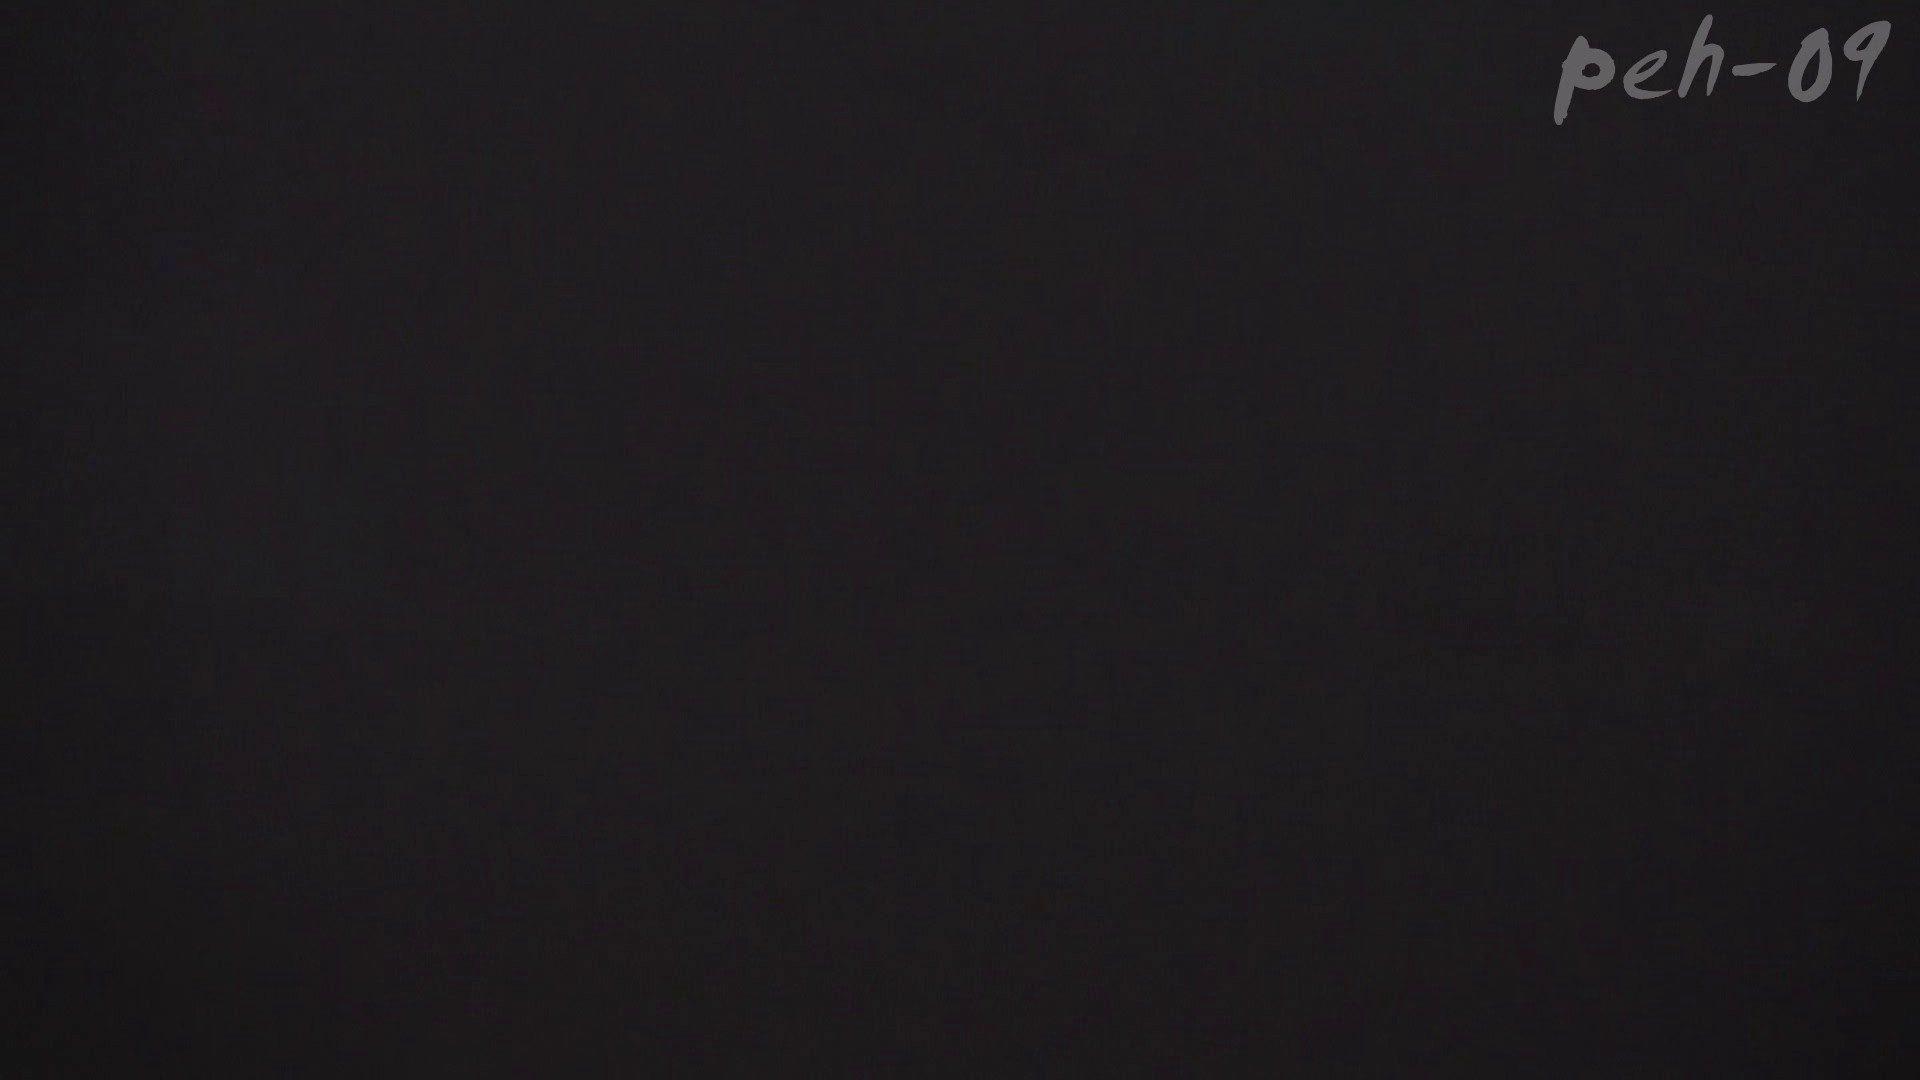 ハメ撮り ※100個限定販売 至高下半身盗撮 プレミアム Vol.9 ハイビジョン 怪盗ジョーカー